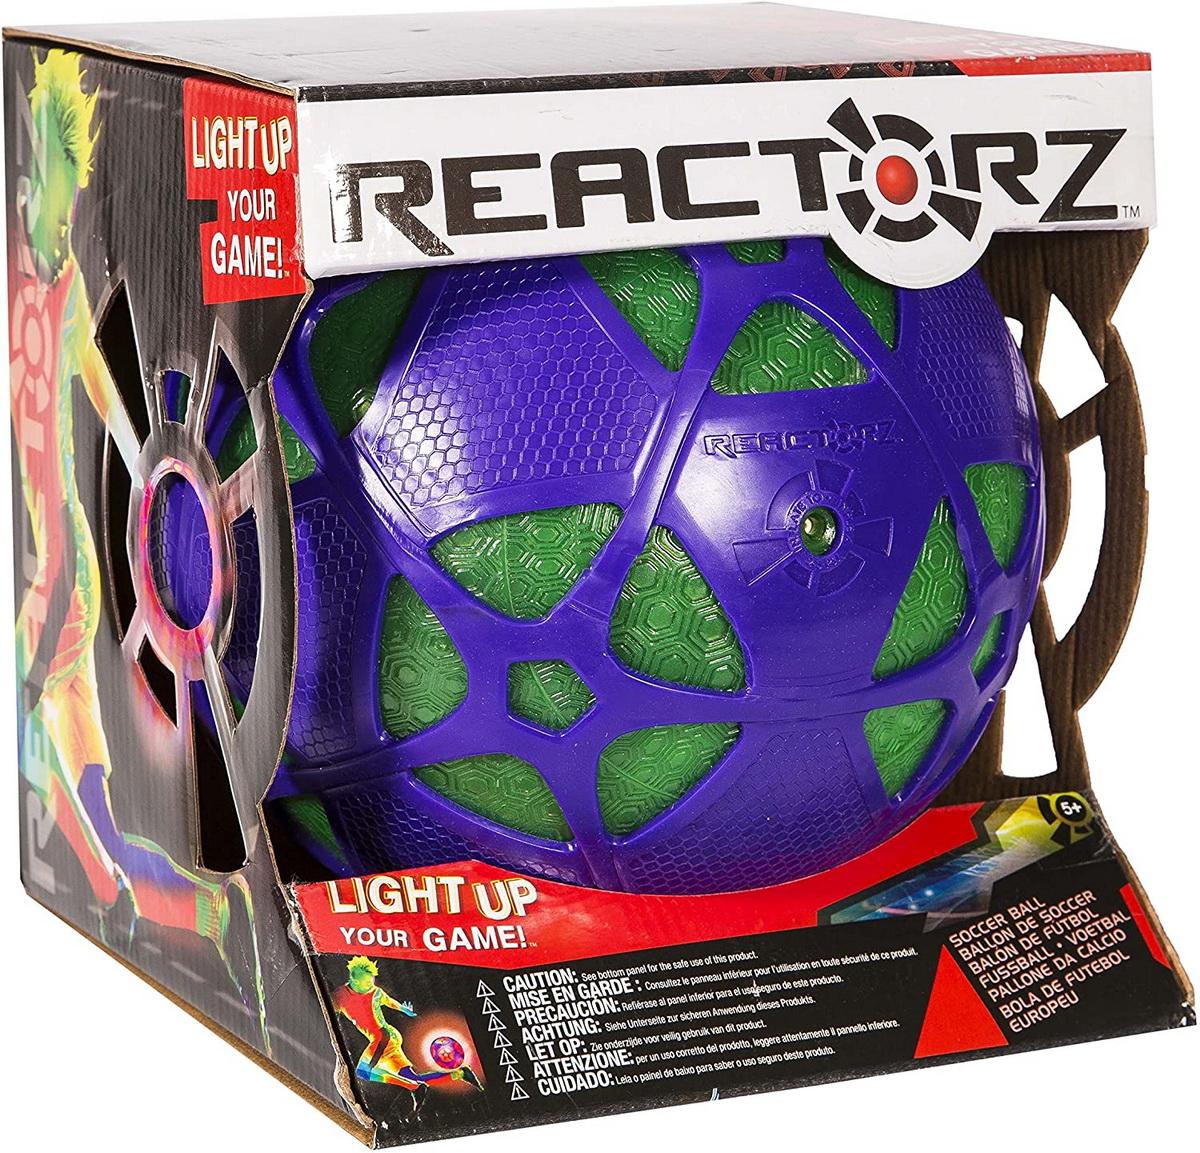 Minge Fotbal Reactorz Cu Lumina Reactiva Marimea 4